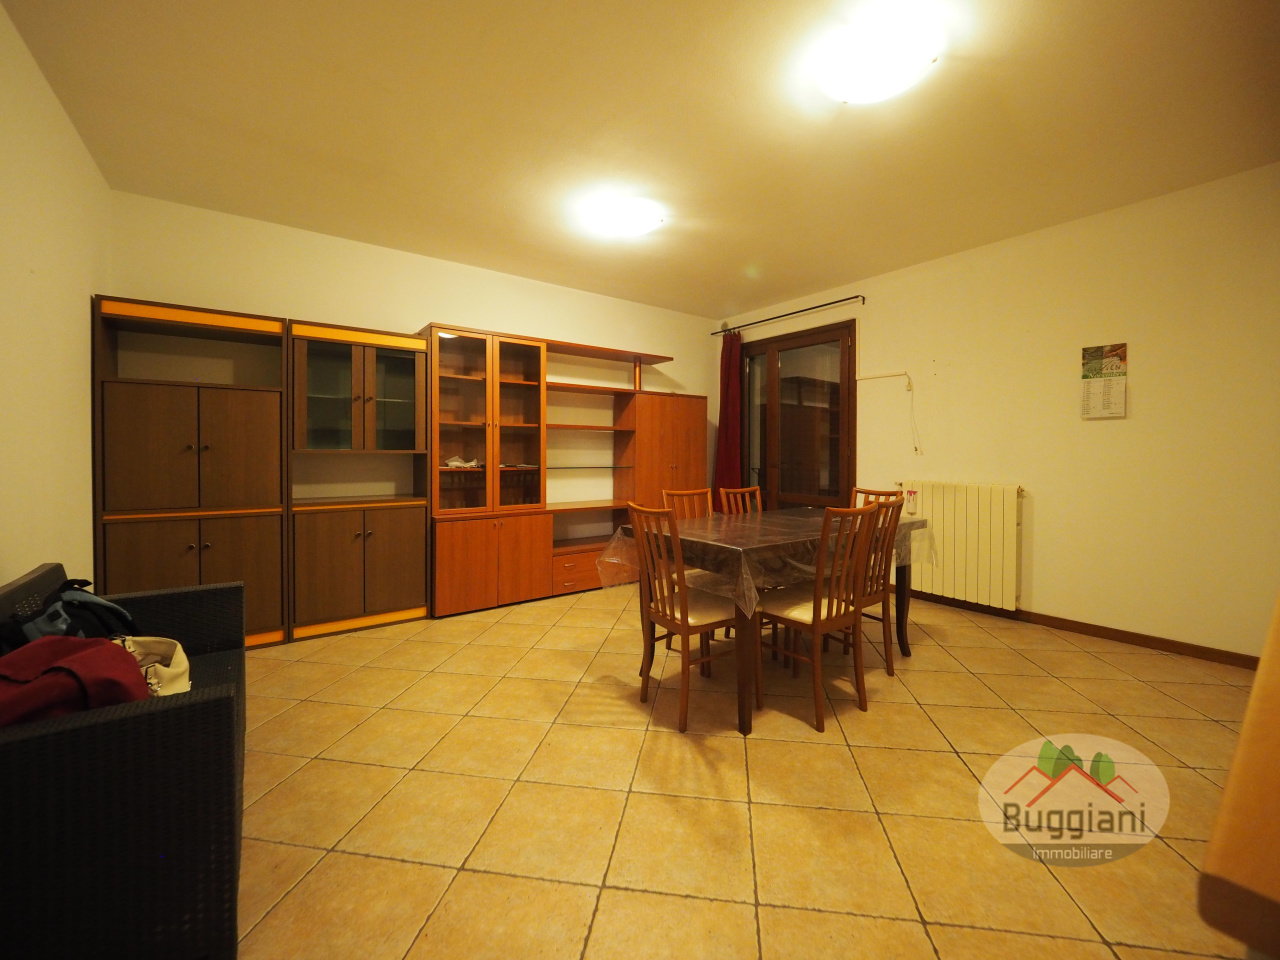 Appartamento in vendita RIF. 1880, San Miniato (PI)